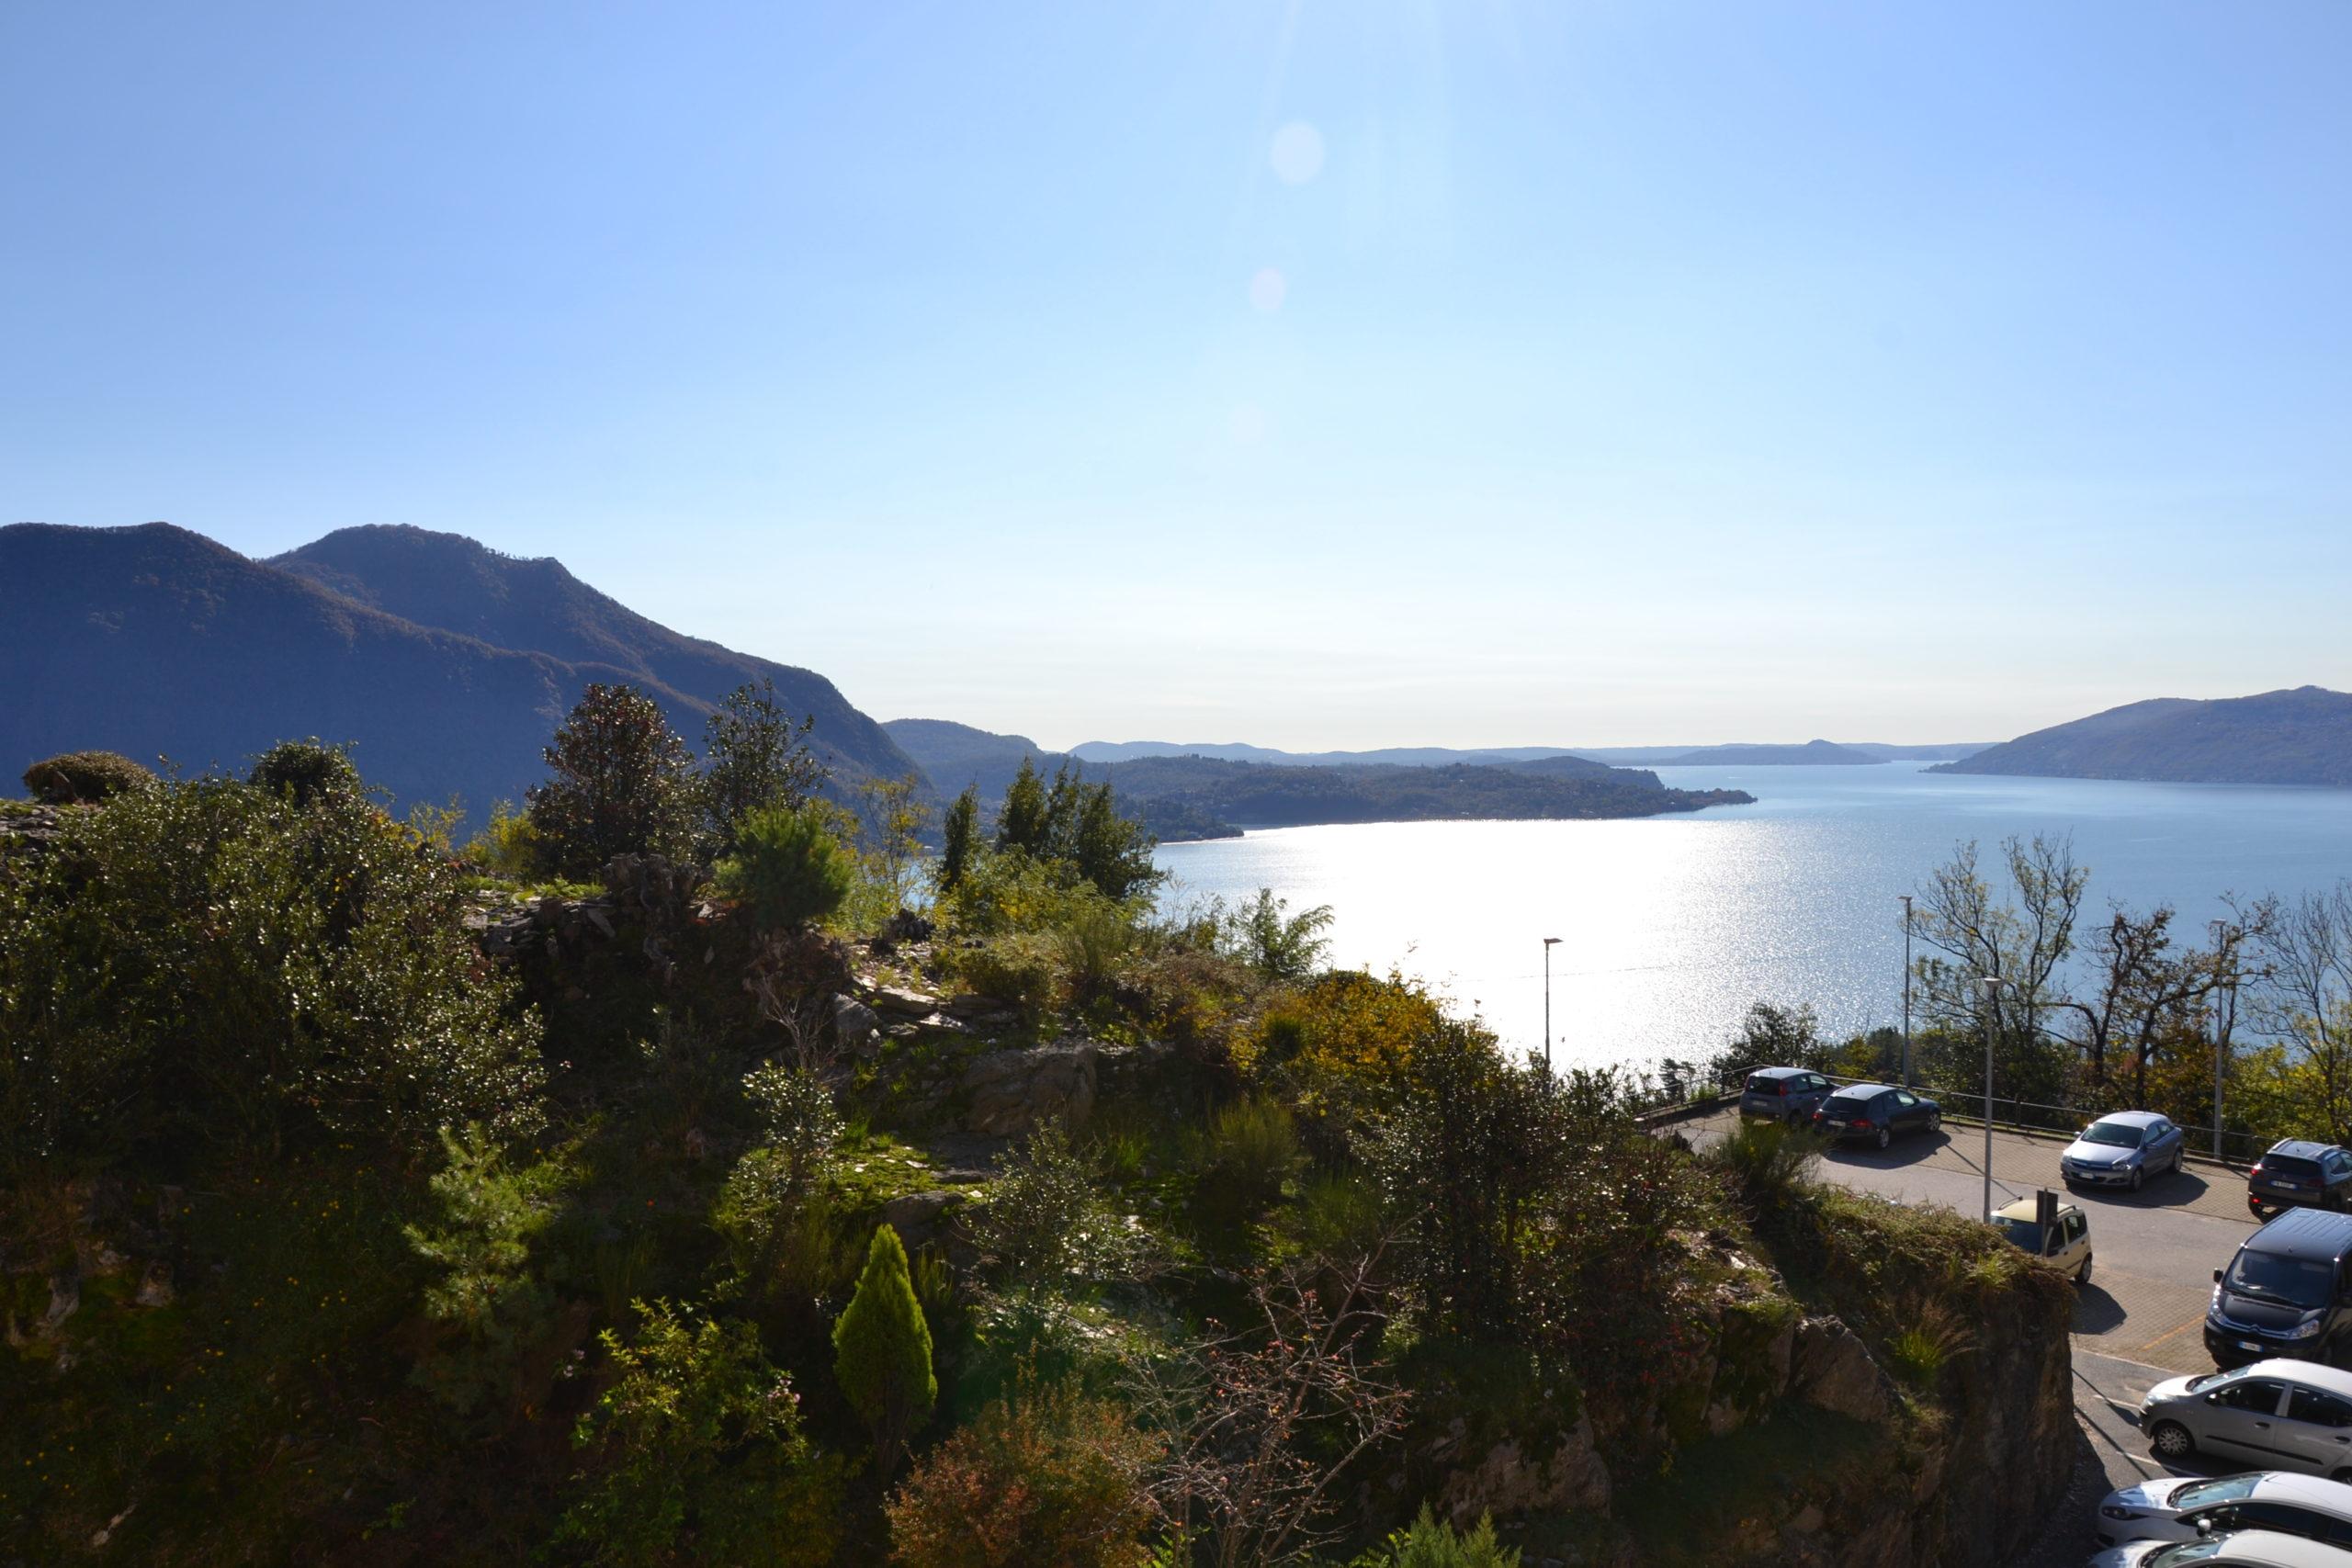 Trilocale con splendida vista lago, Ceredo